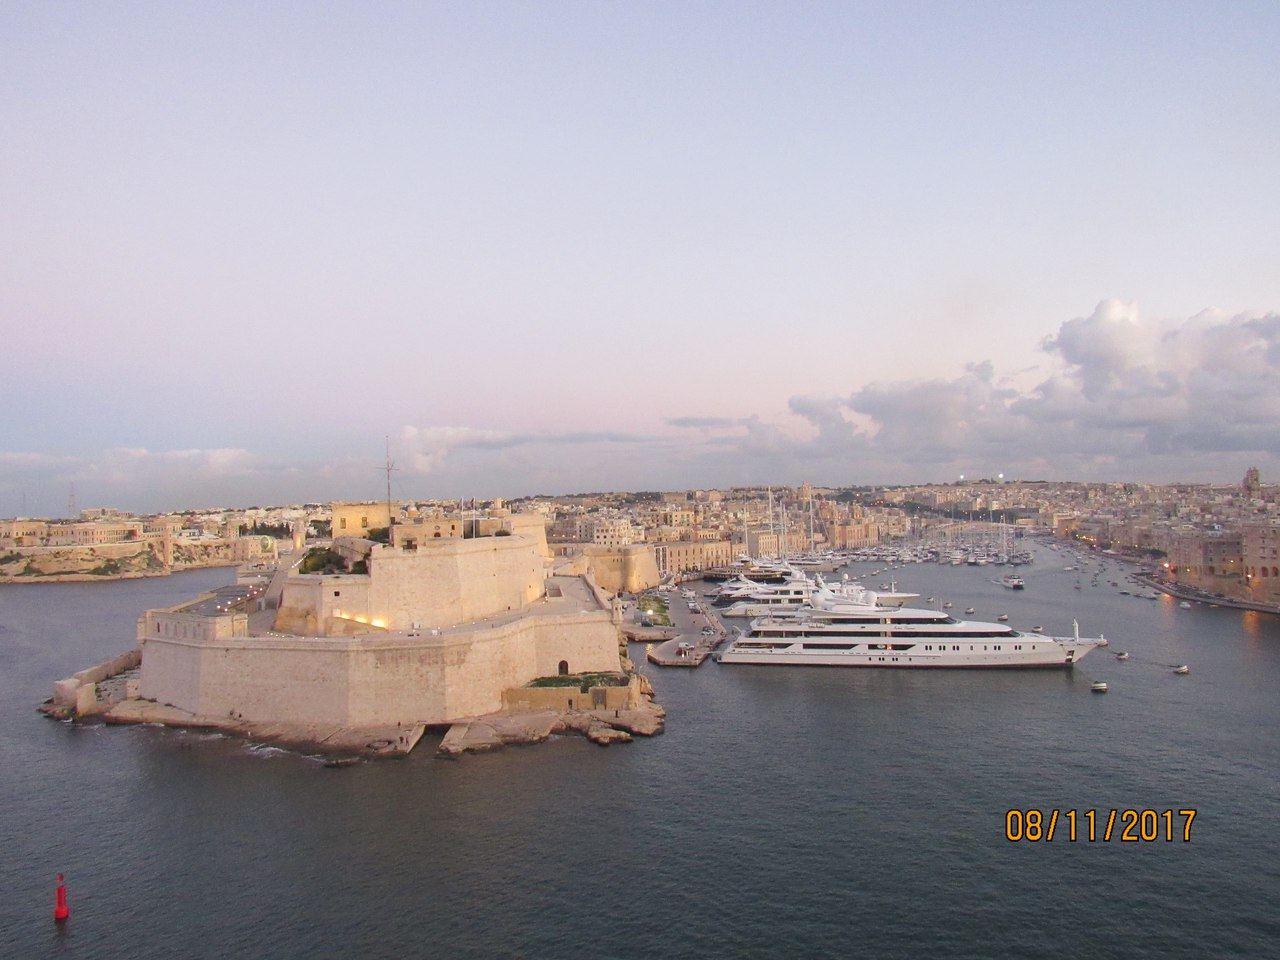 Круиз по Средиземному морю на лайнере MSC Meraviglia